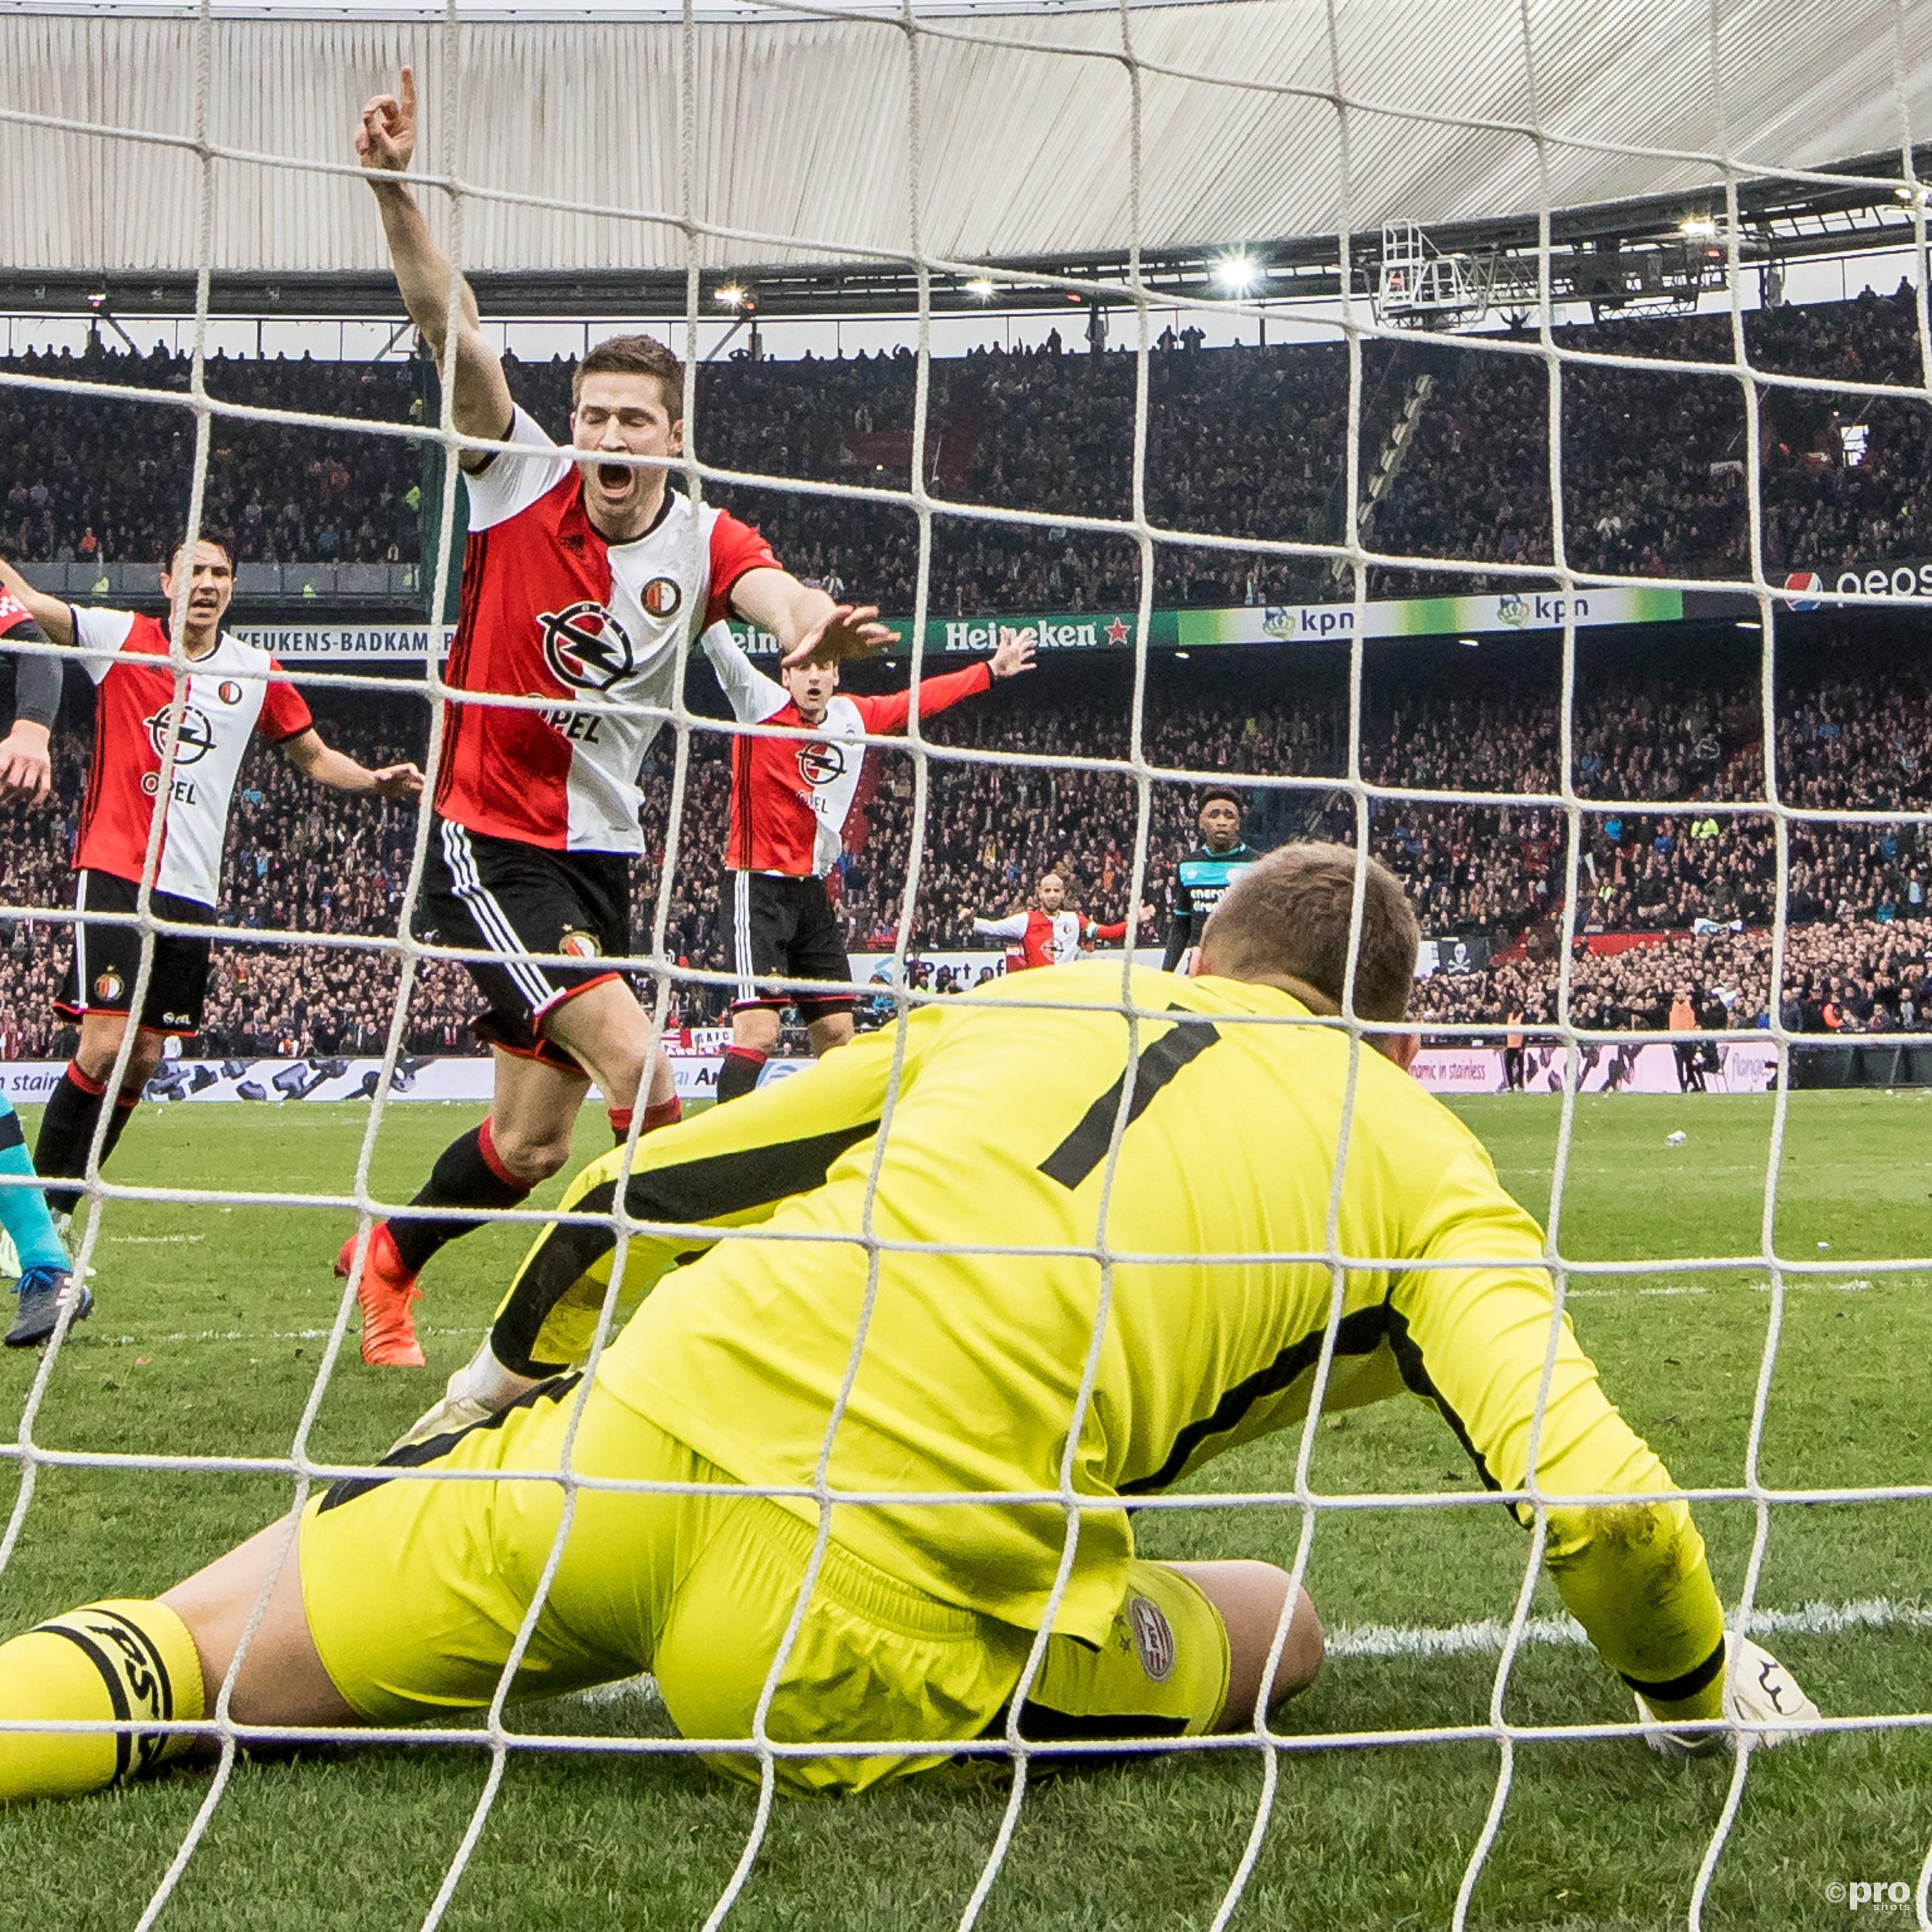 Jan Arie van der Heijden (l) scoort de 2-1 en viert dit, terwijl PSV keeper Jeroen Zoet (r) de bal nog op de lijn houd. (PRO SHOTS/Kay Int Veen)